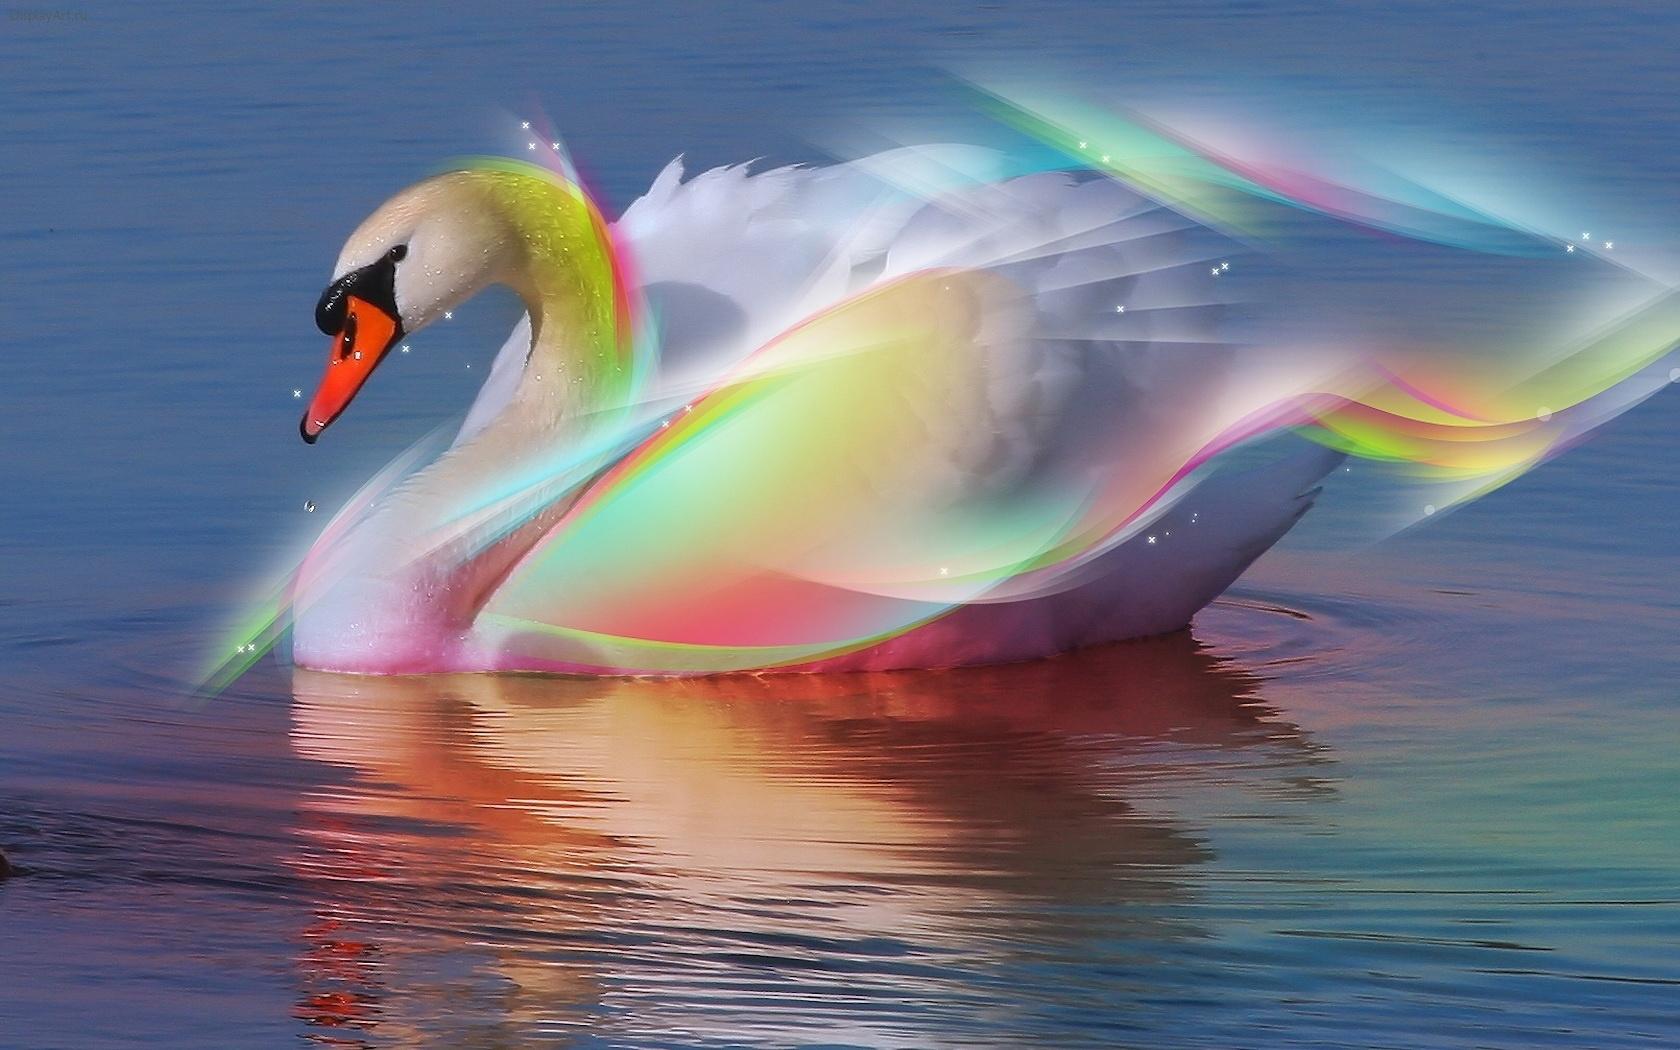 39841 Hintergrundbild herunterladen Swans, Tiere, Vögel - Bildschirmschoner und Bilder kostenlos